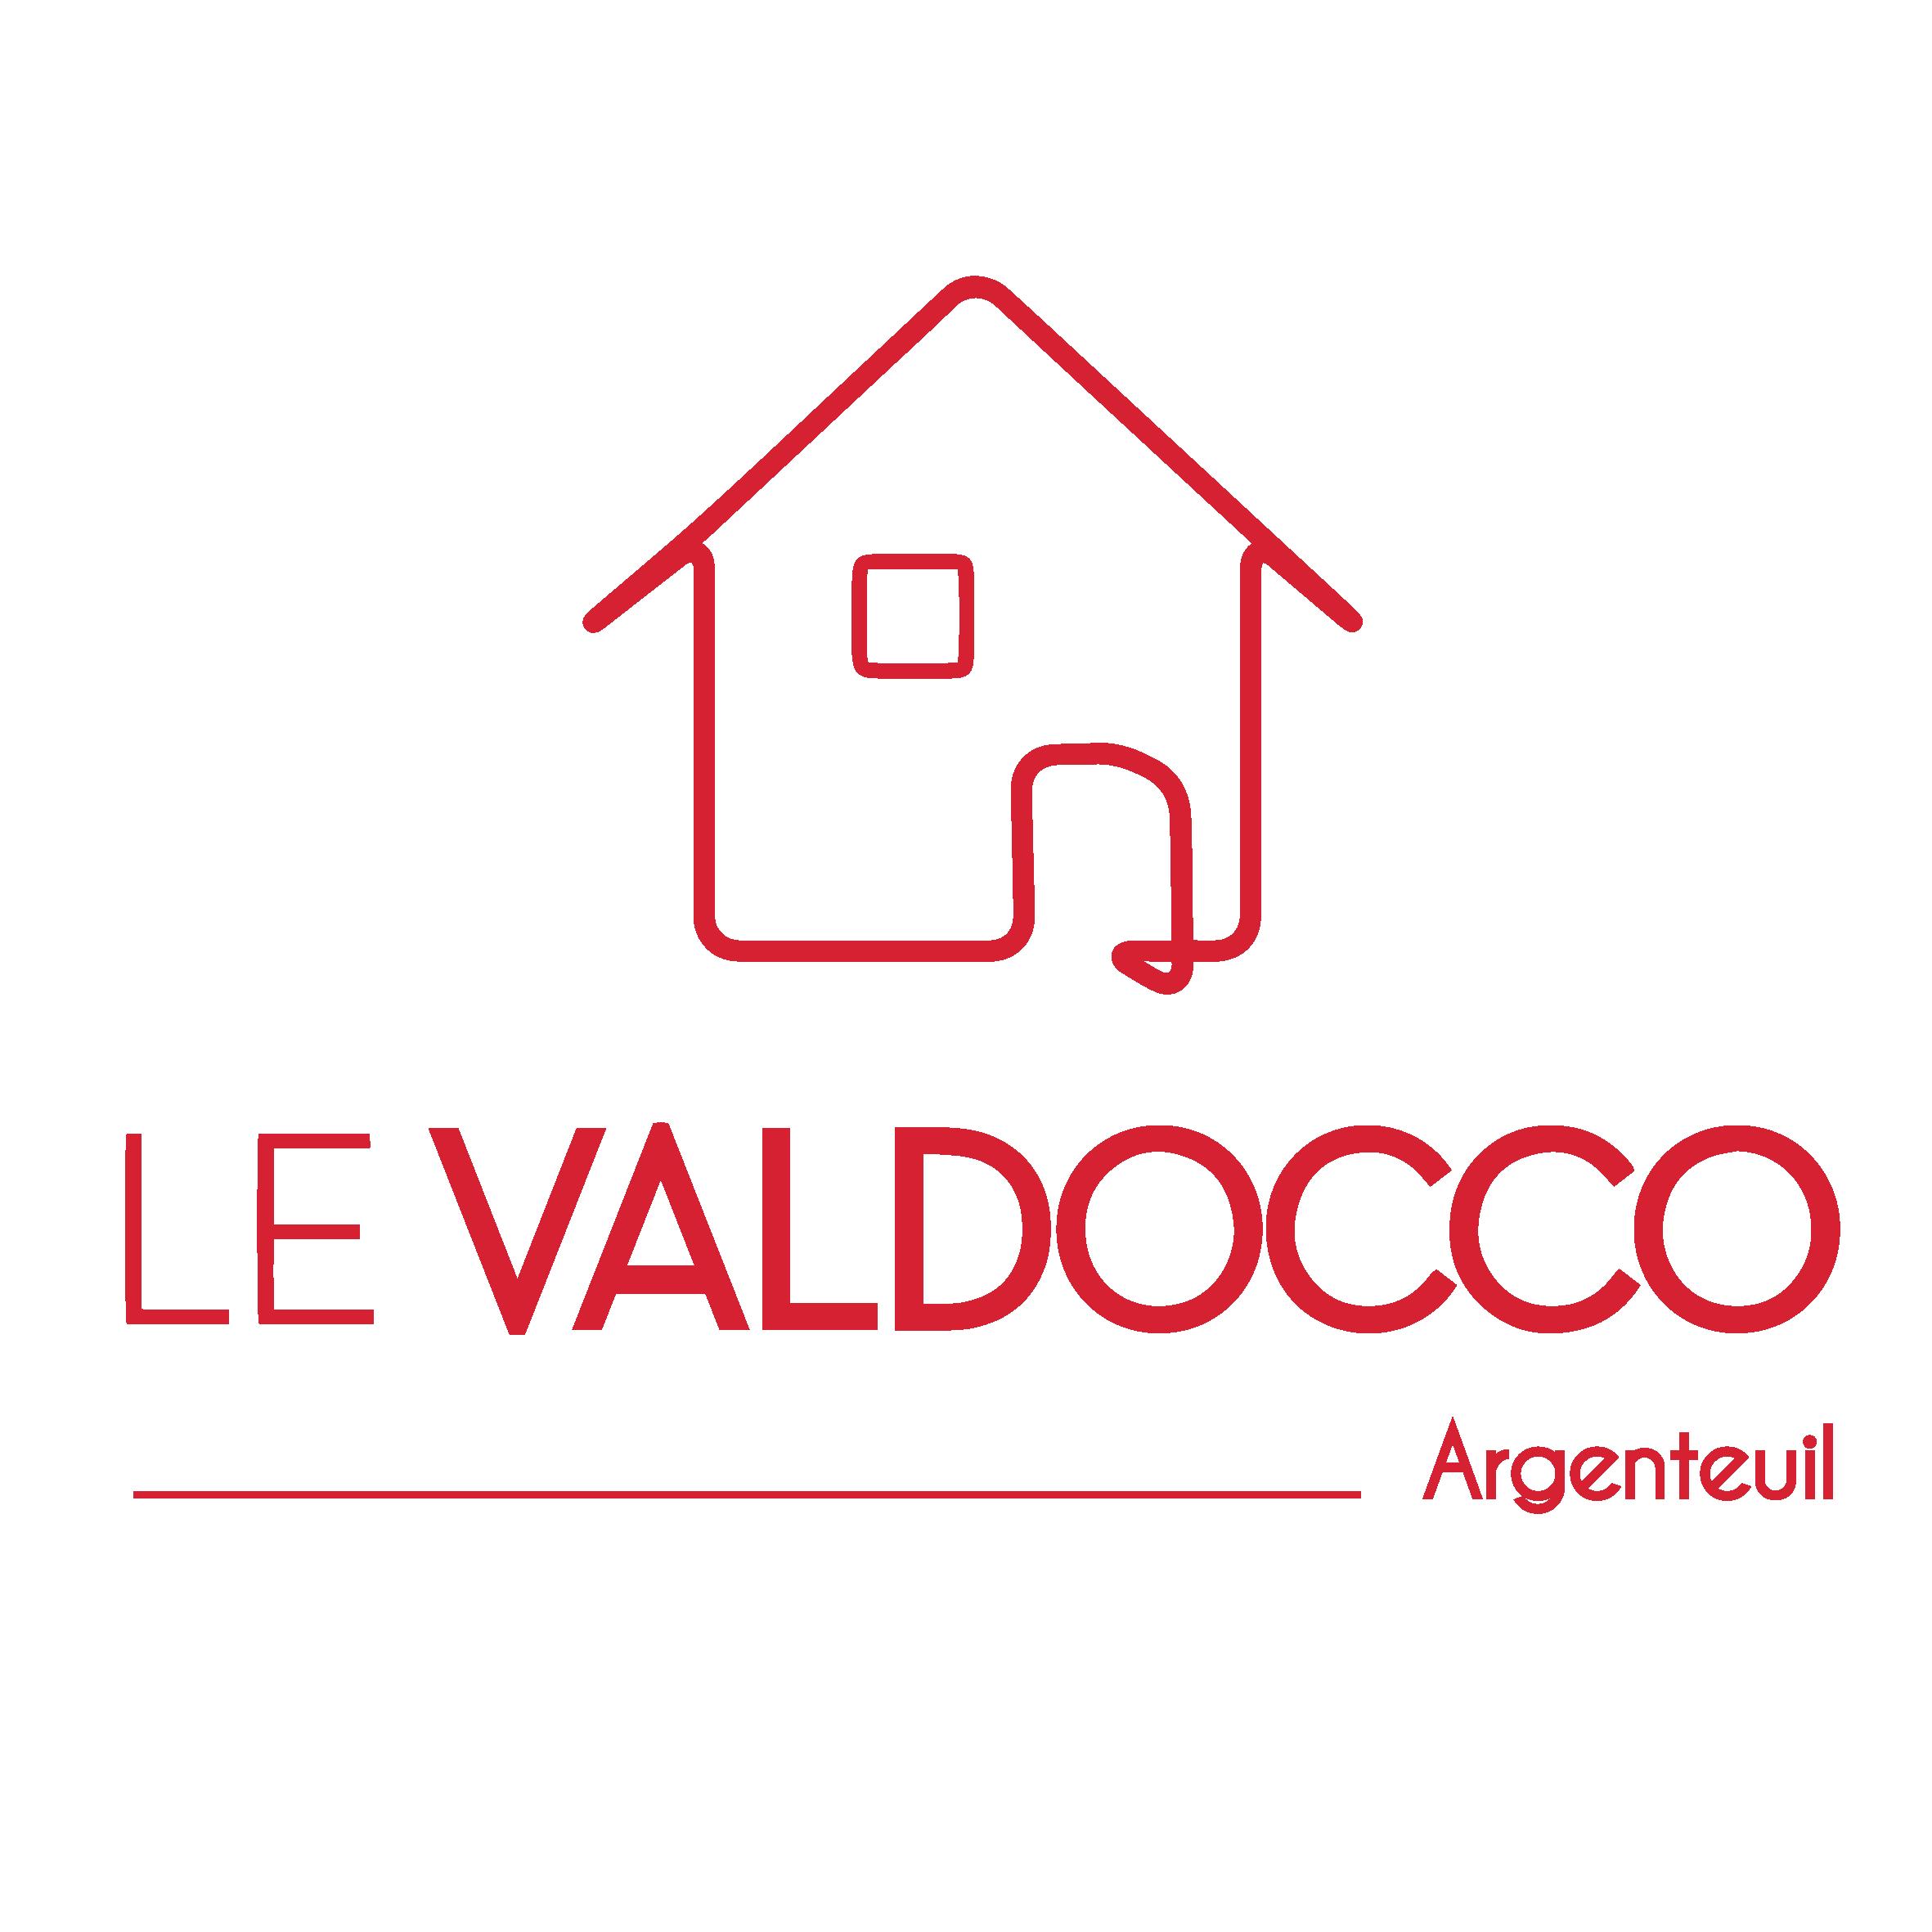 Le Valdocco_Logo Argenteuil